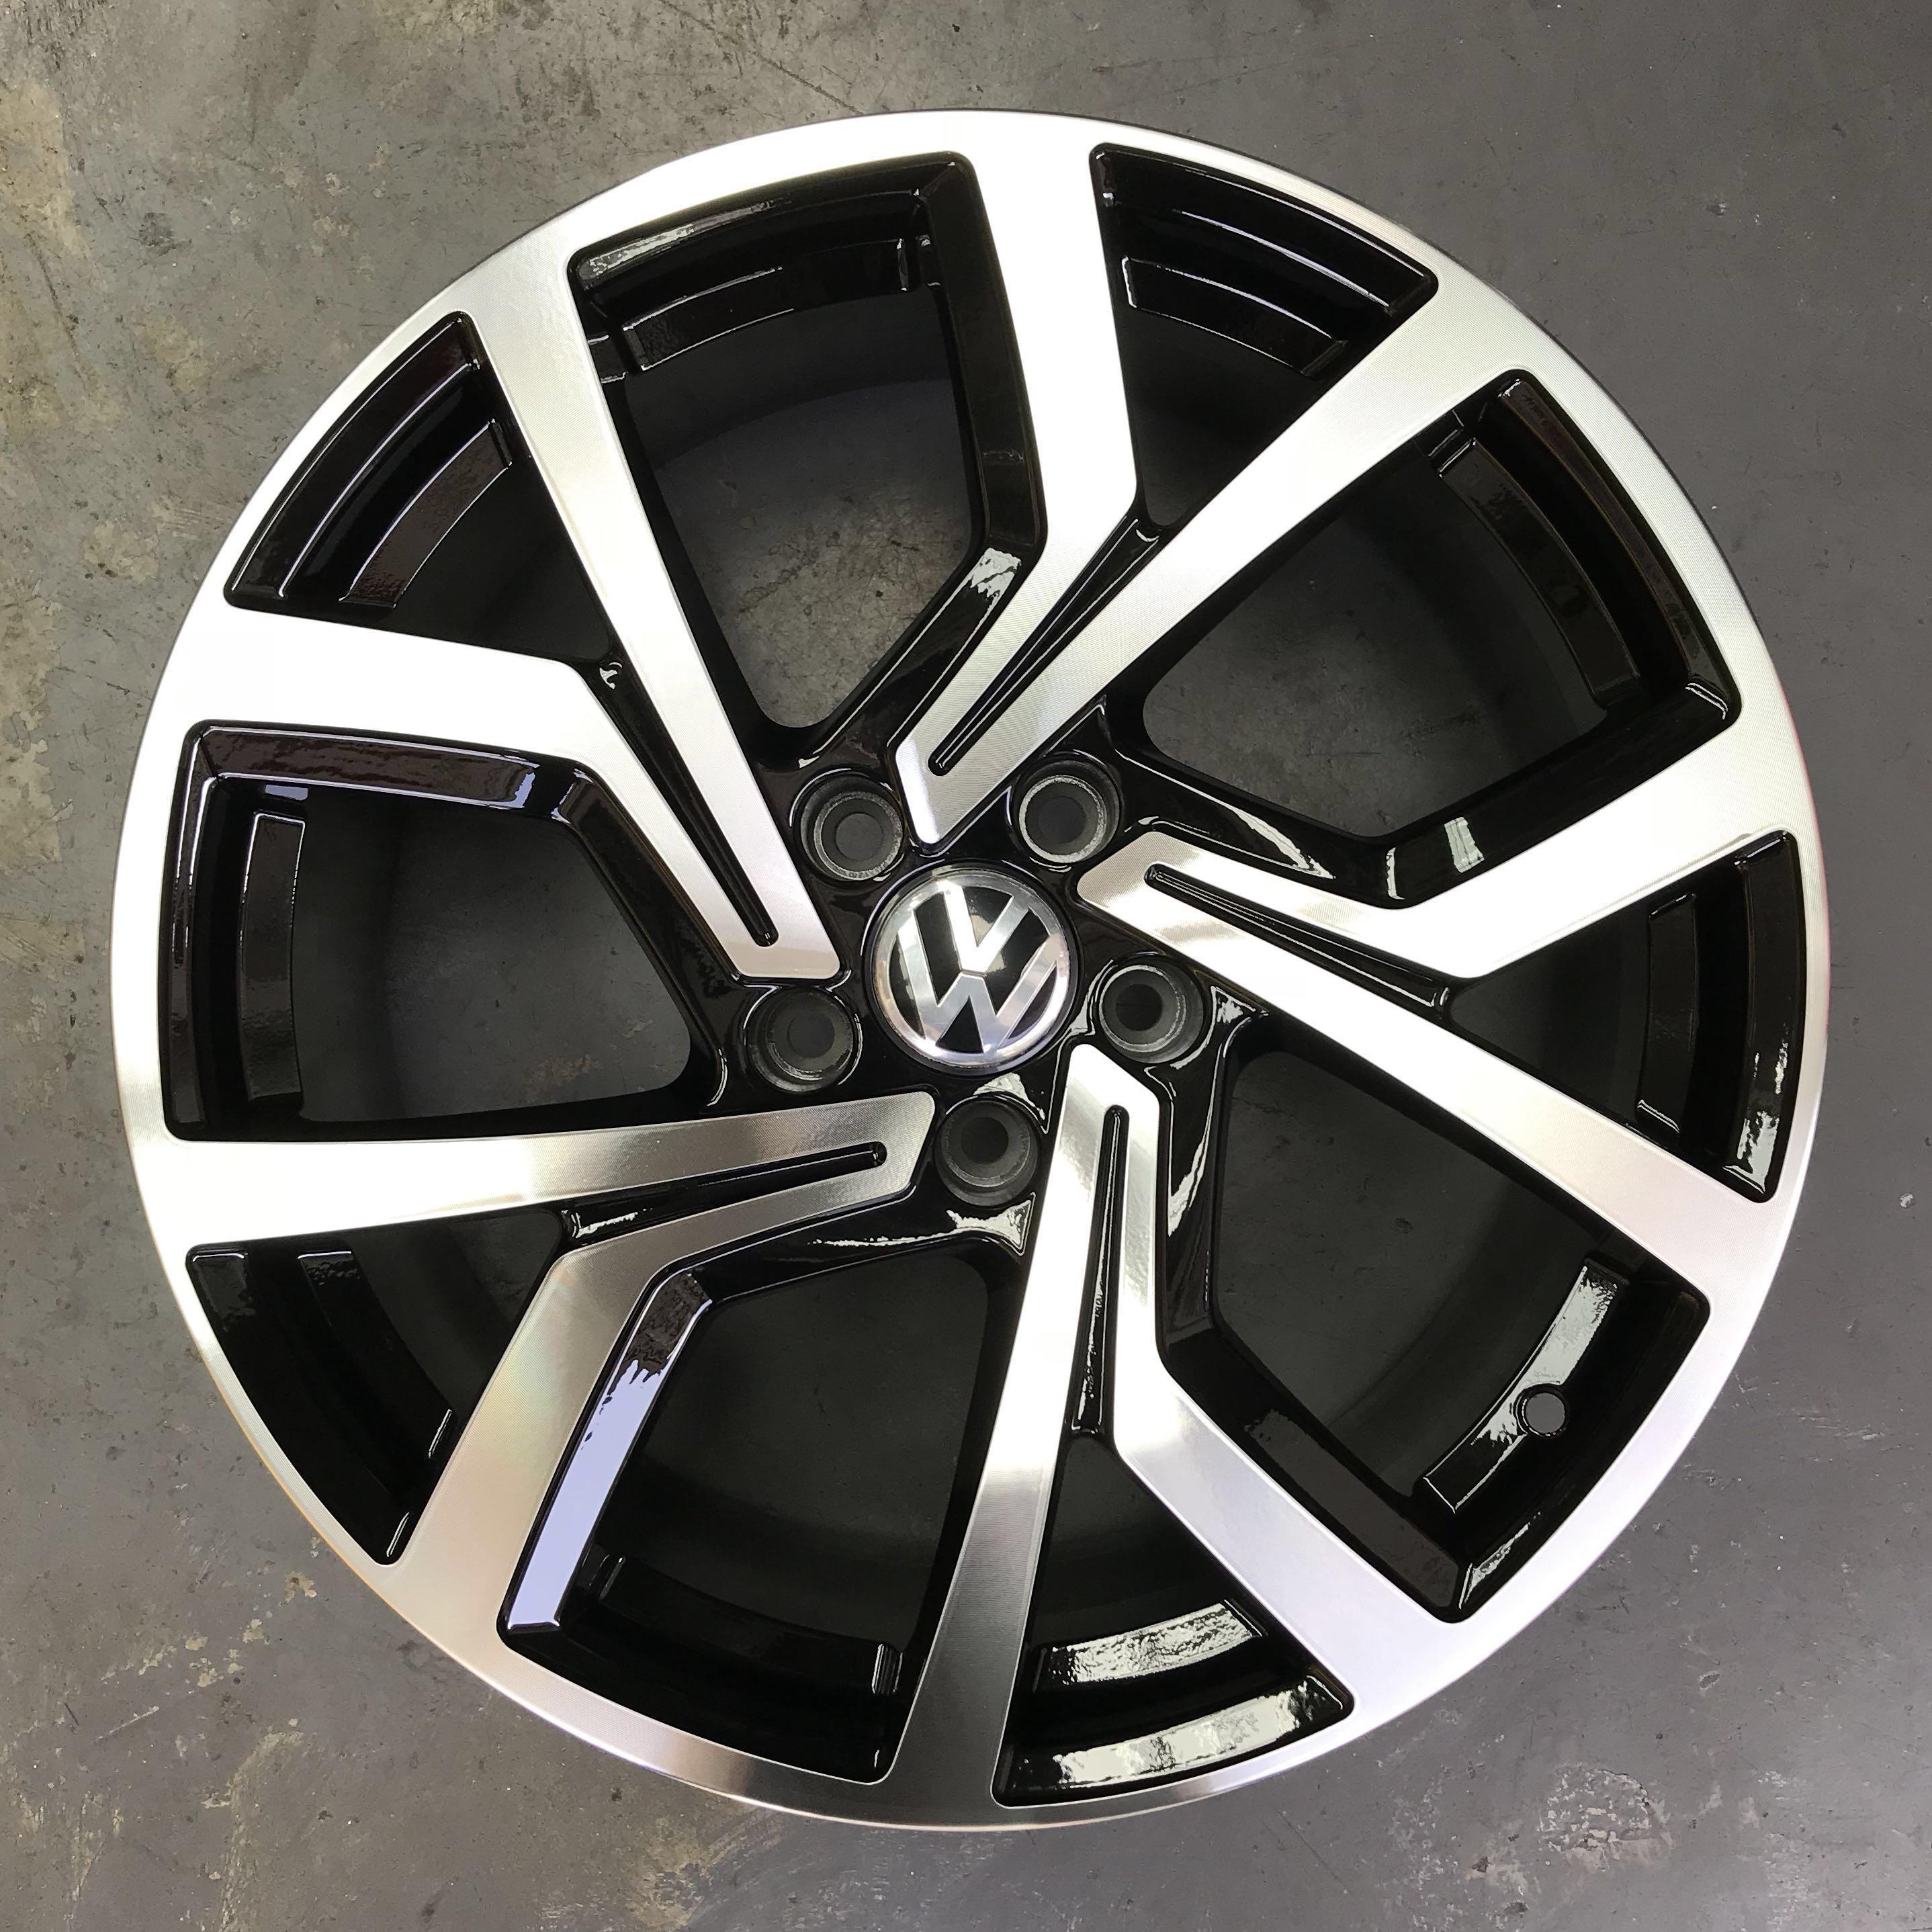 oem custom silver gti volkswagen rims jetta oe replica factory wheels